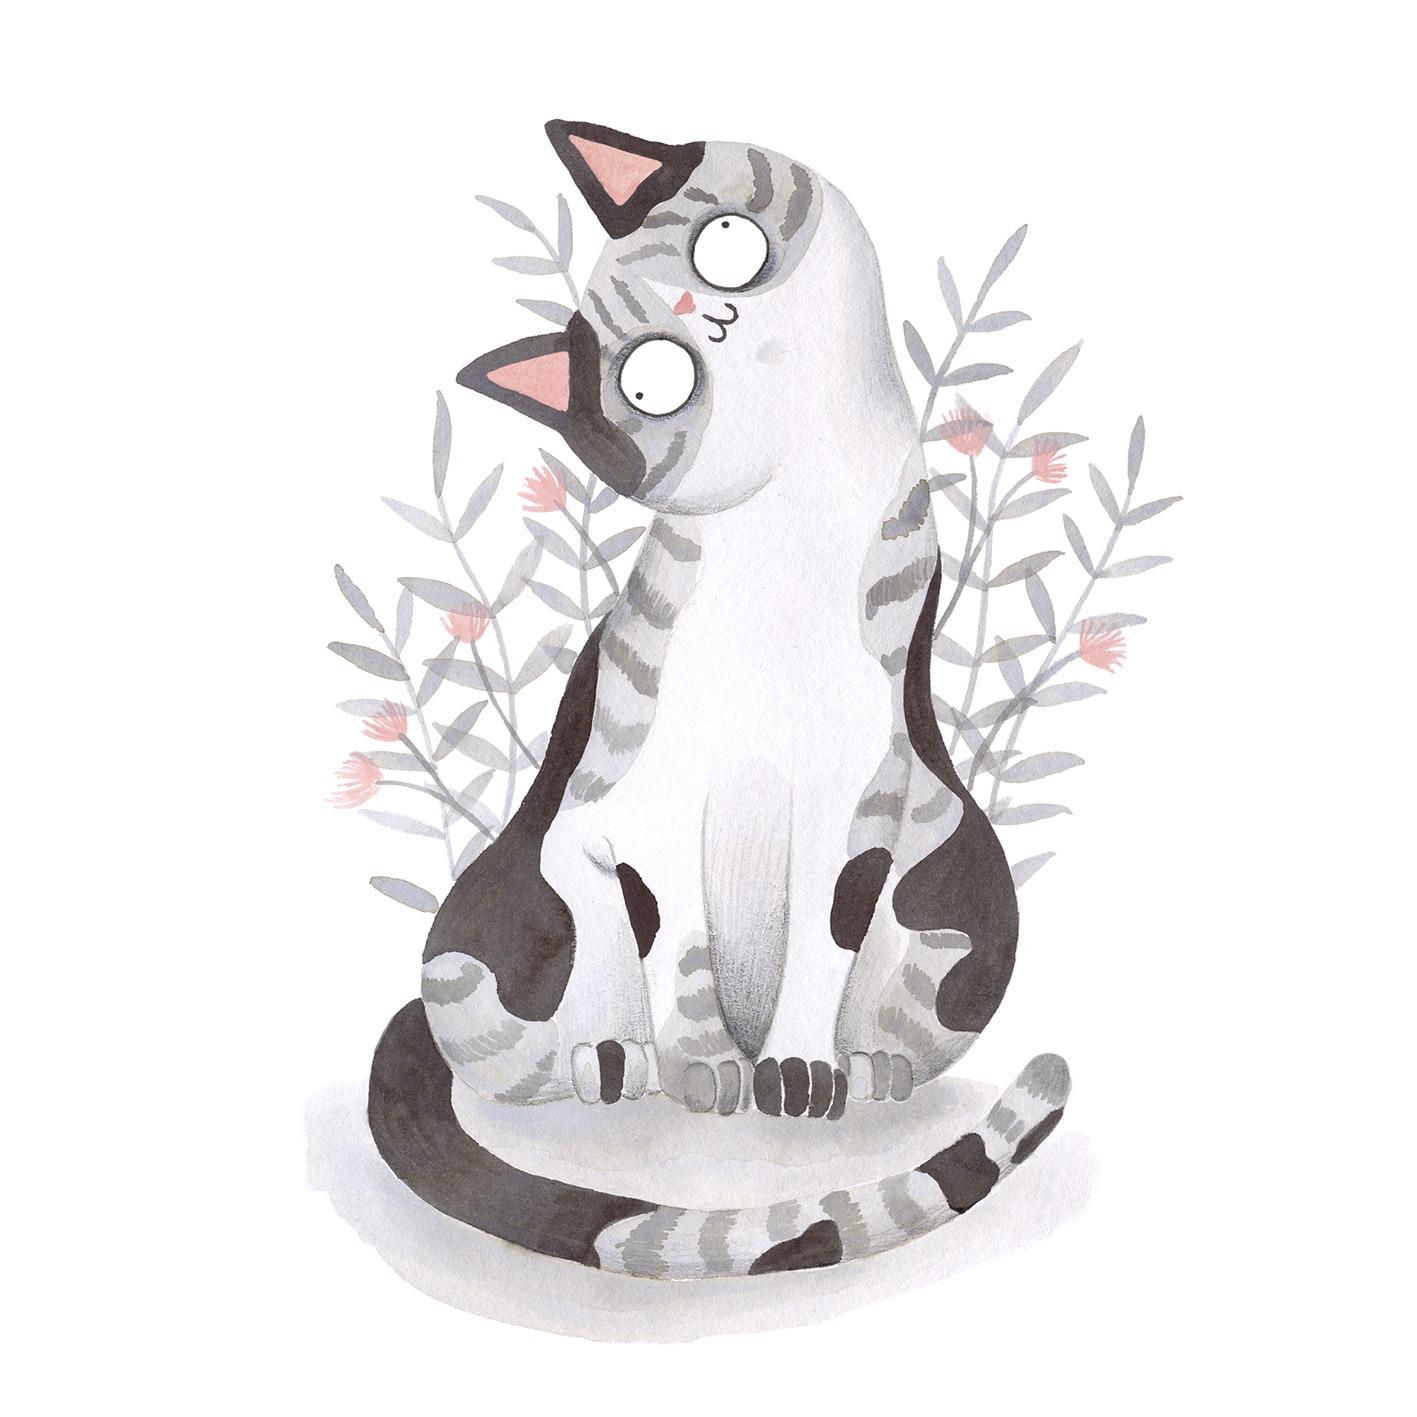 Ilustración de gato, Inktober, gato con plantas, retrato de gato